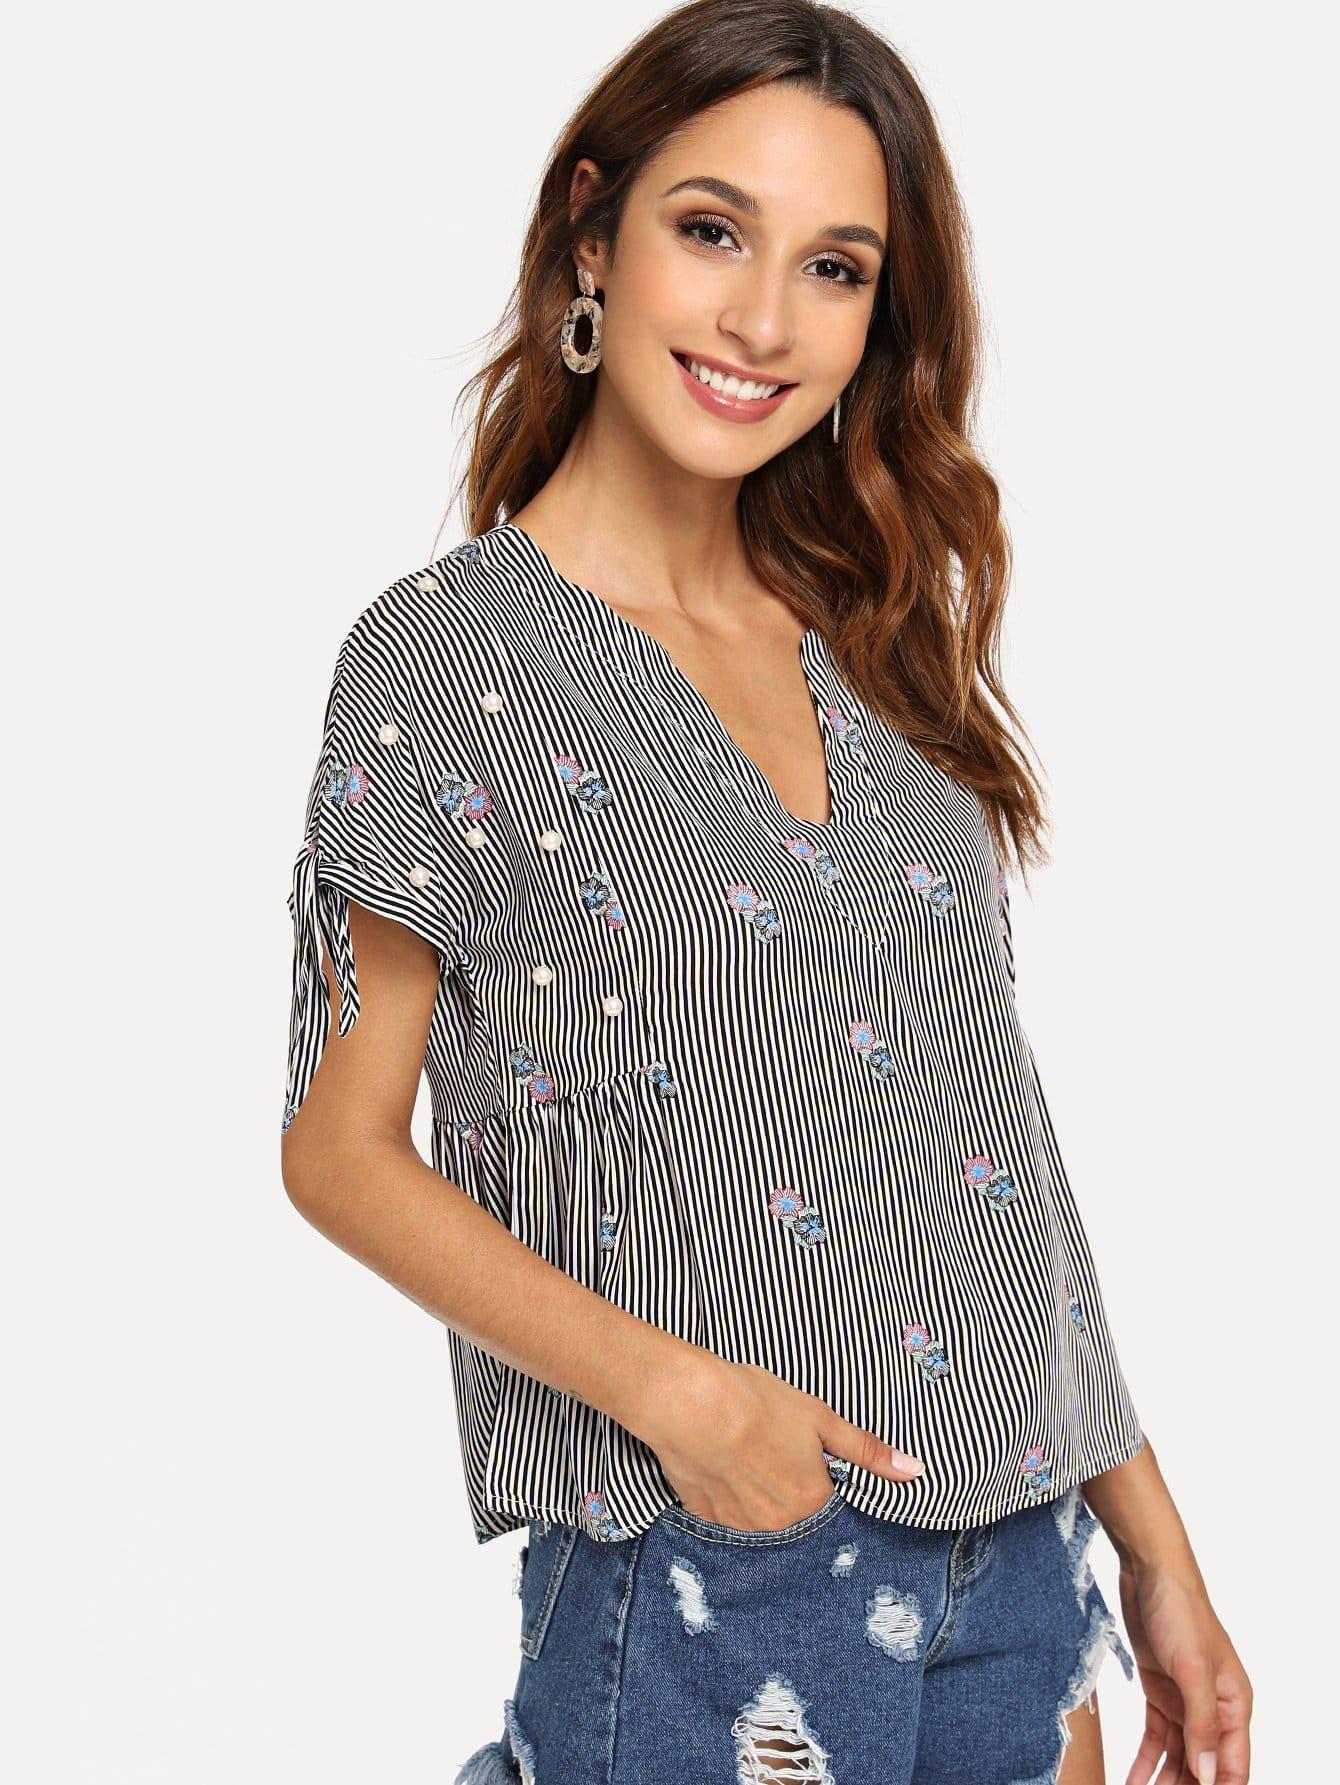 Купить Жемчужная вышитая бисером полосатая вышивальная блузка, Gabi B, SheIn